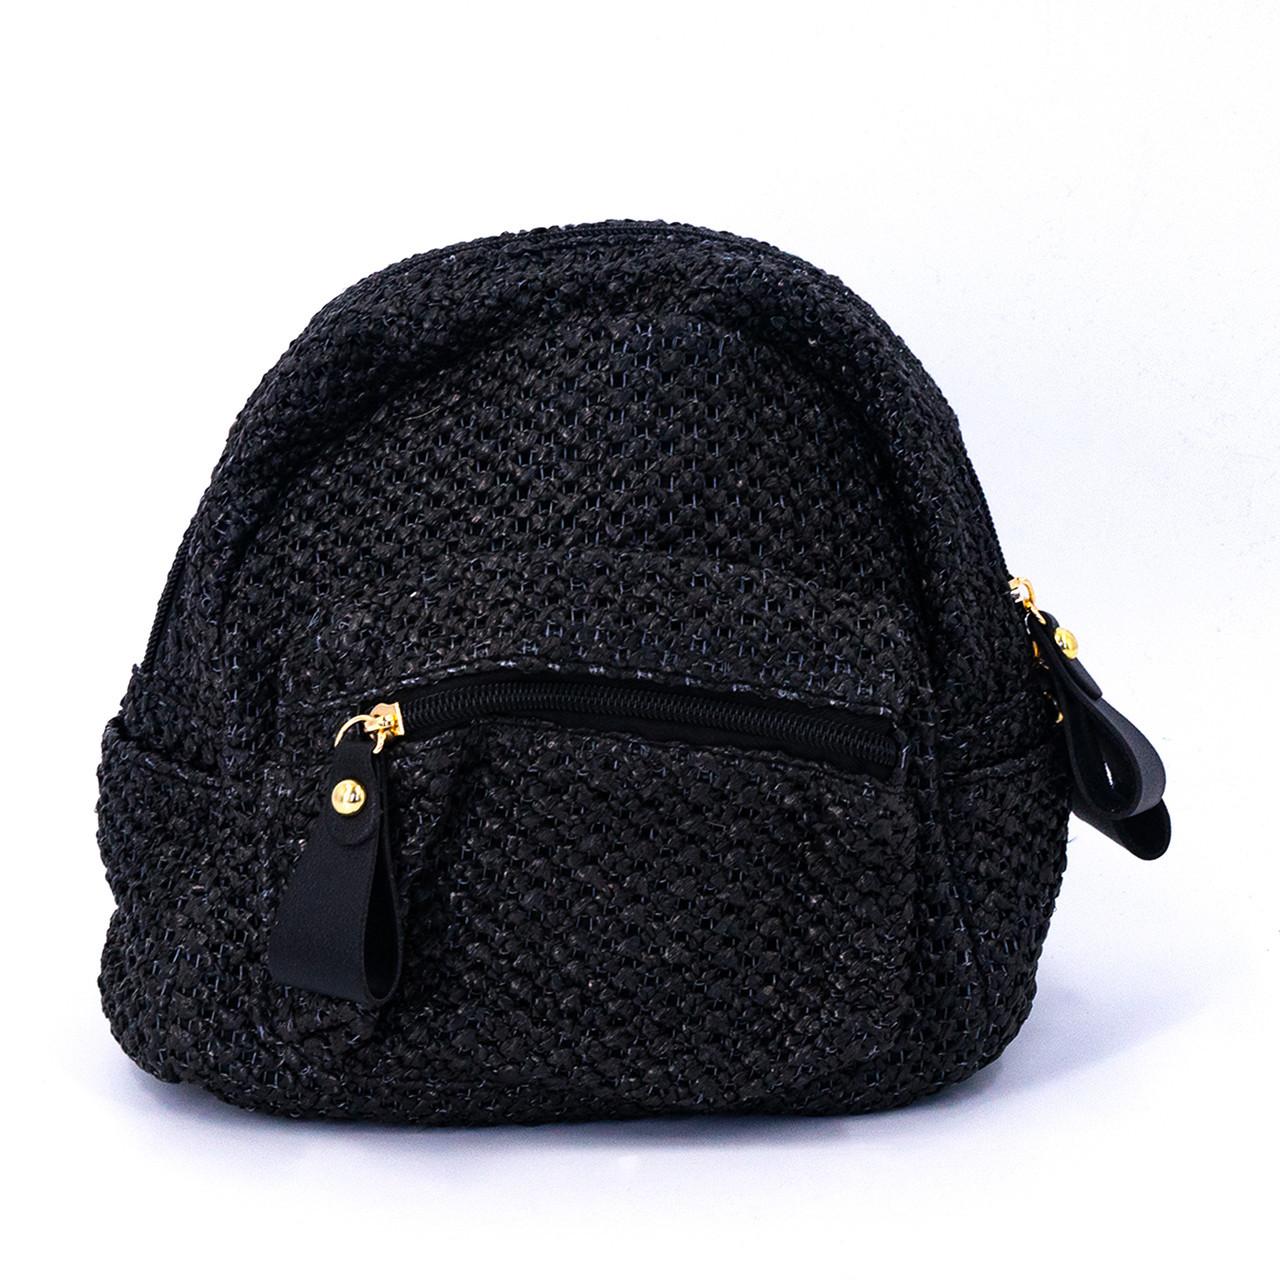 Сумка женская Marmilen Мини плетеная черная (9326-04 )